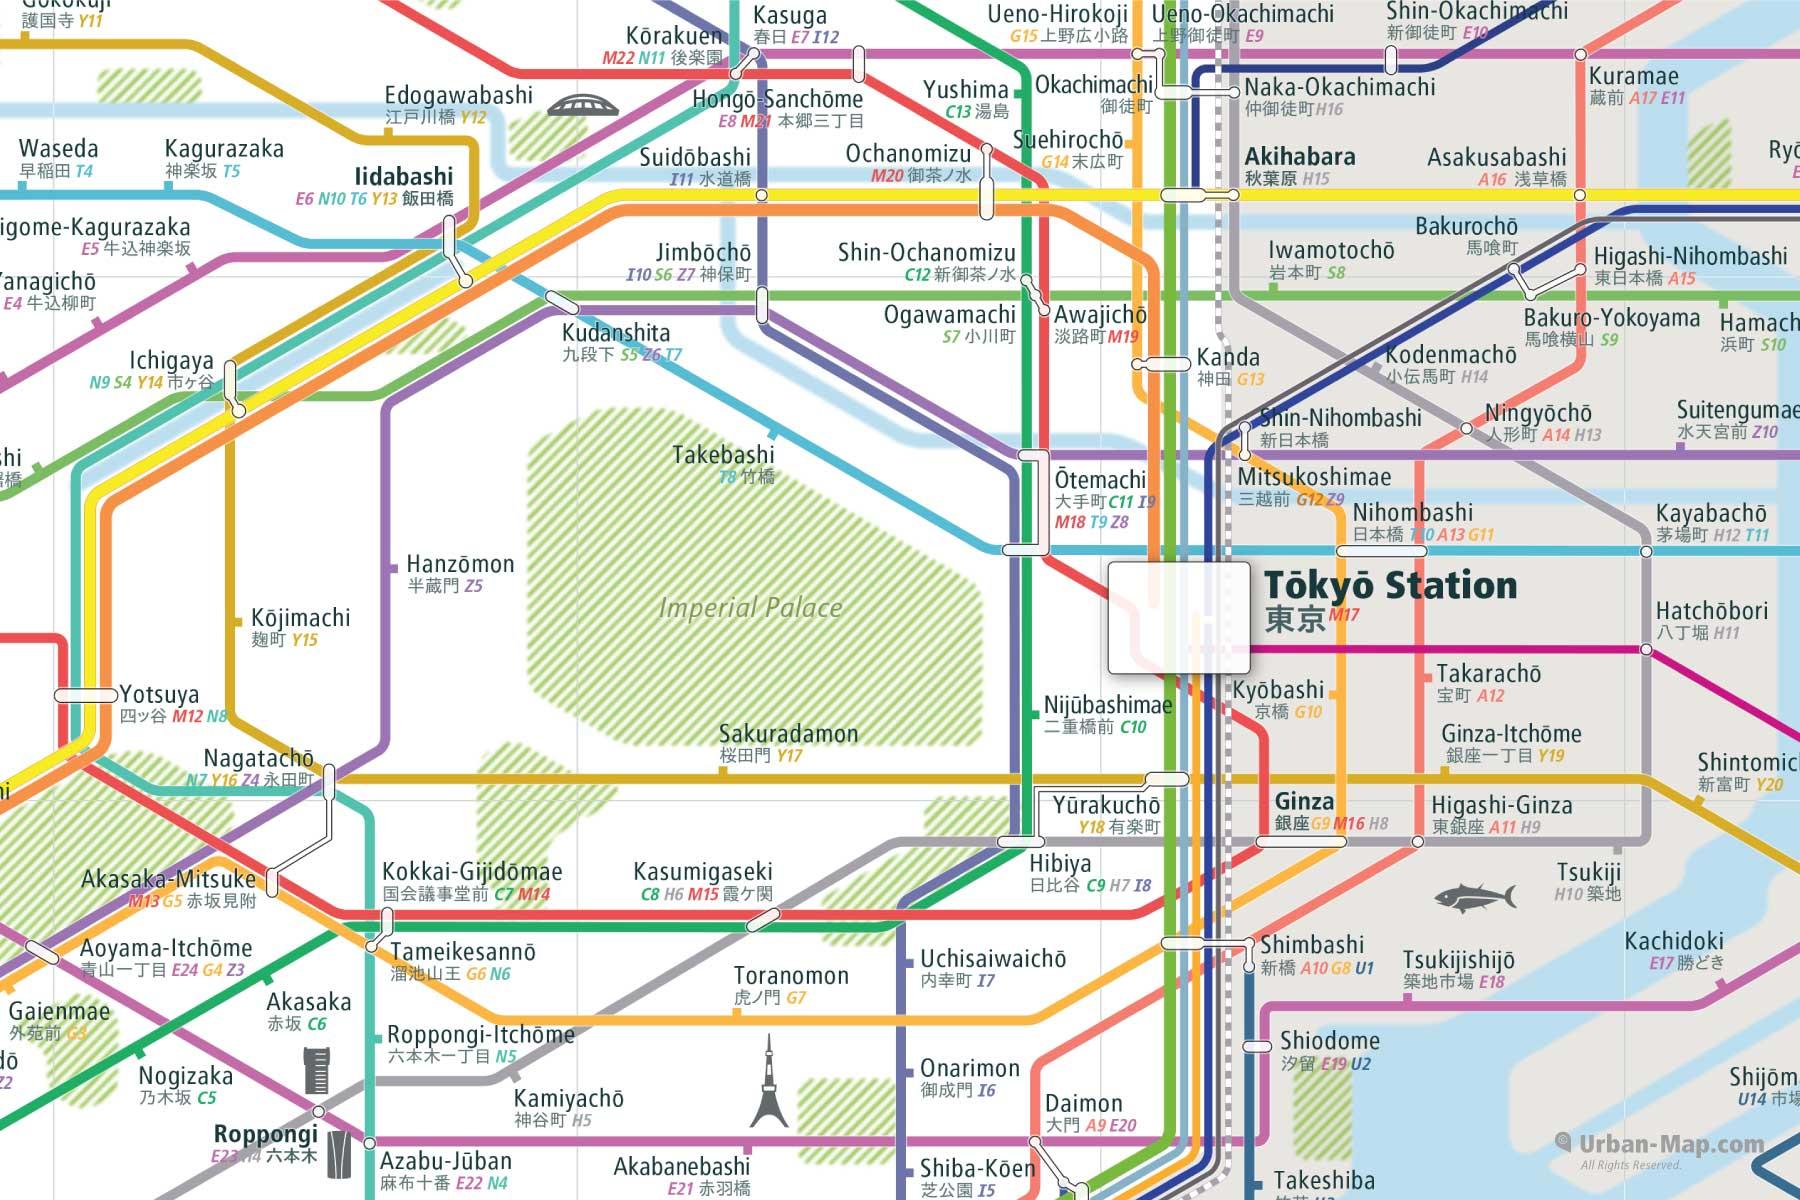 Tokyo Rail Map A Smart City Guide Map Even Offline